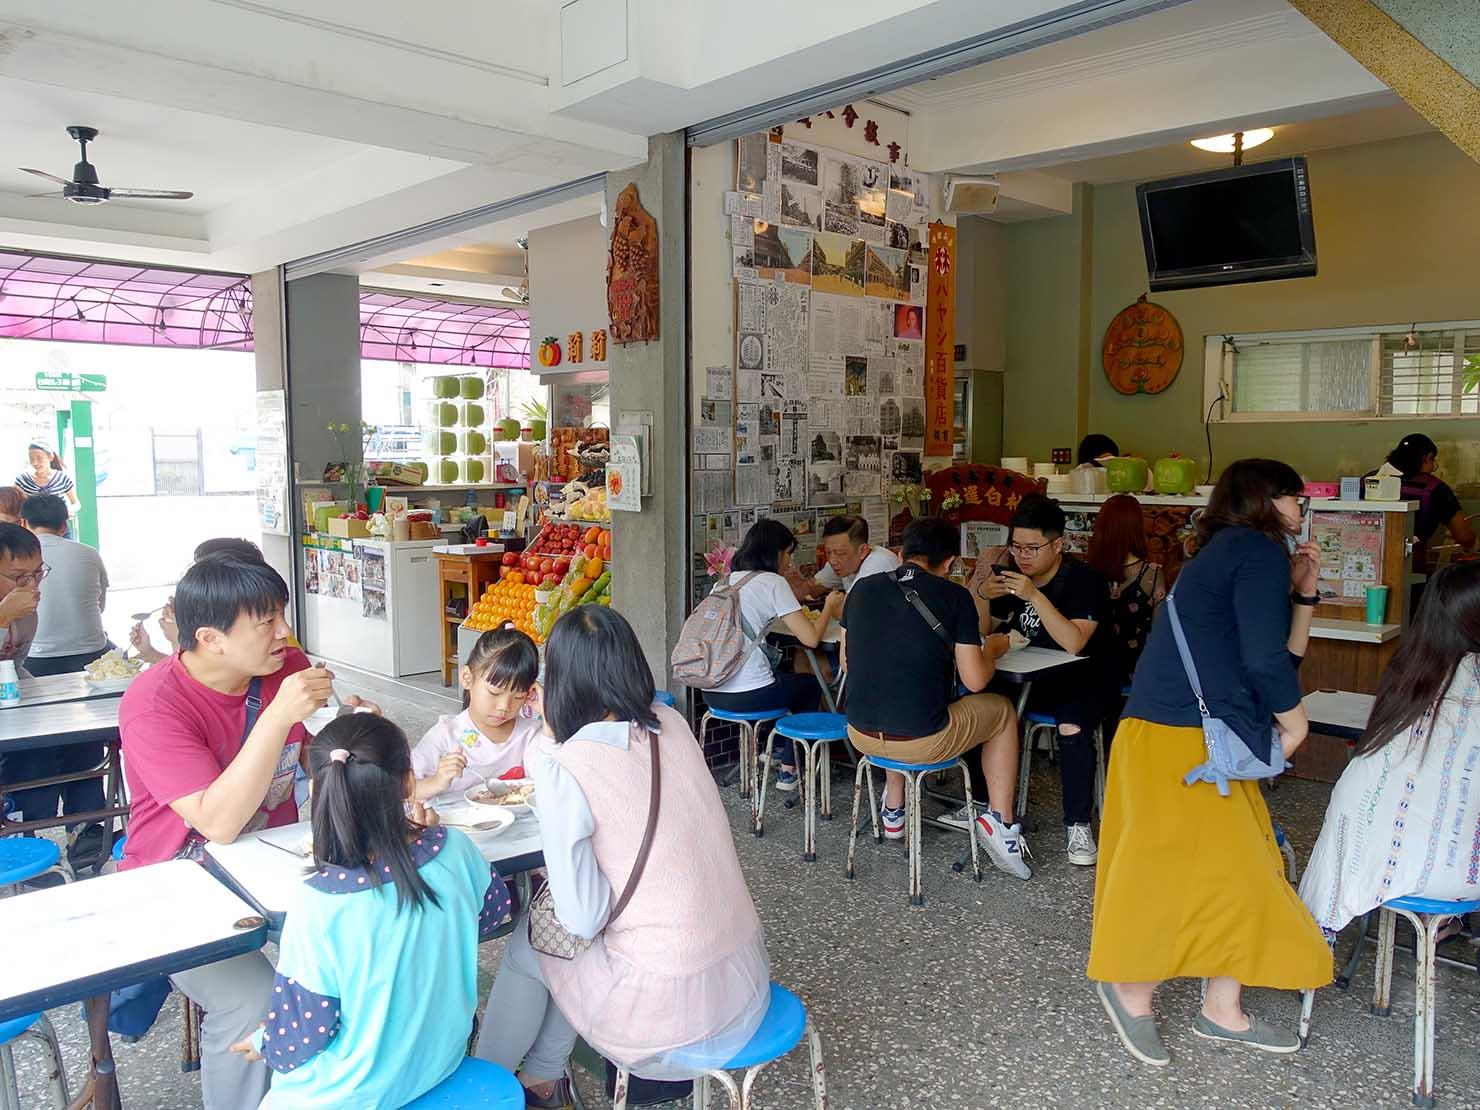 台南・孔廟エリアのおすすめグルメ店「莉莉水果店」の店内